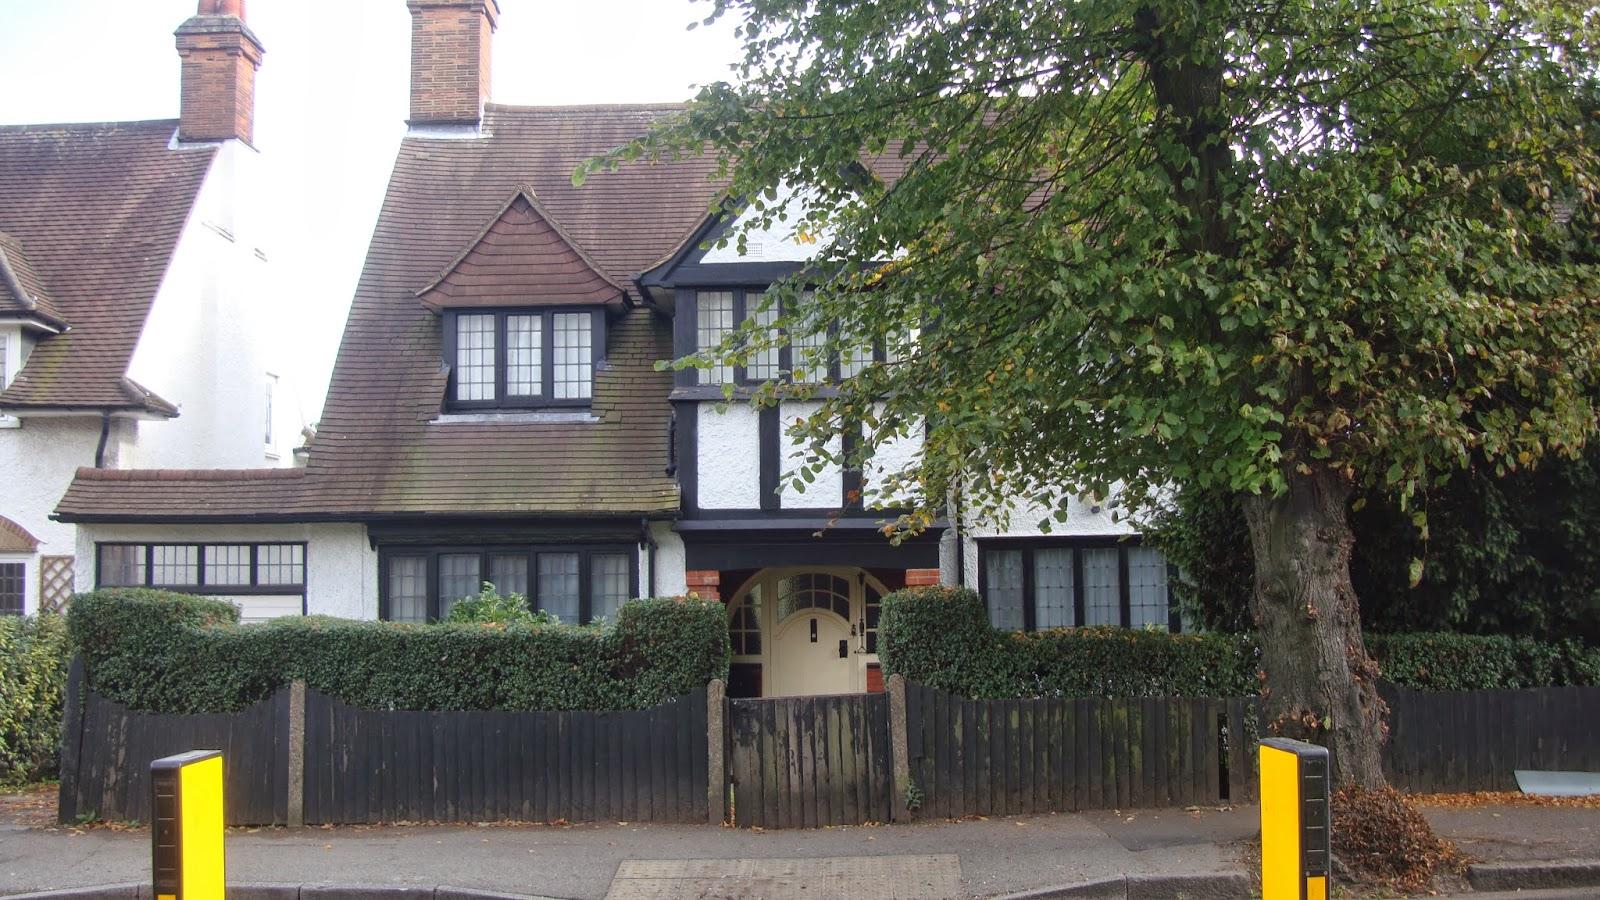 London Calling West Barnes Lane Motspur Park In The